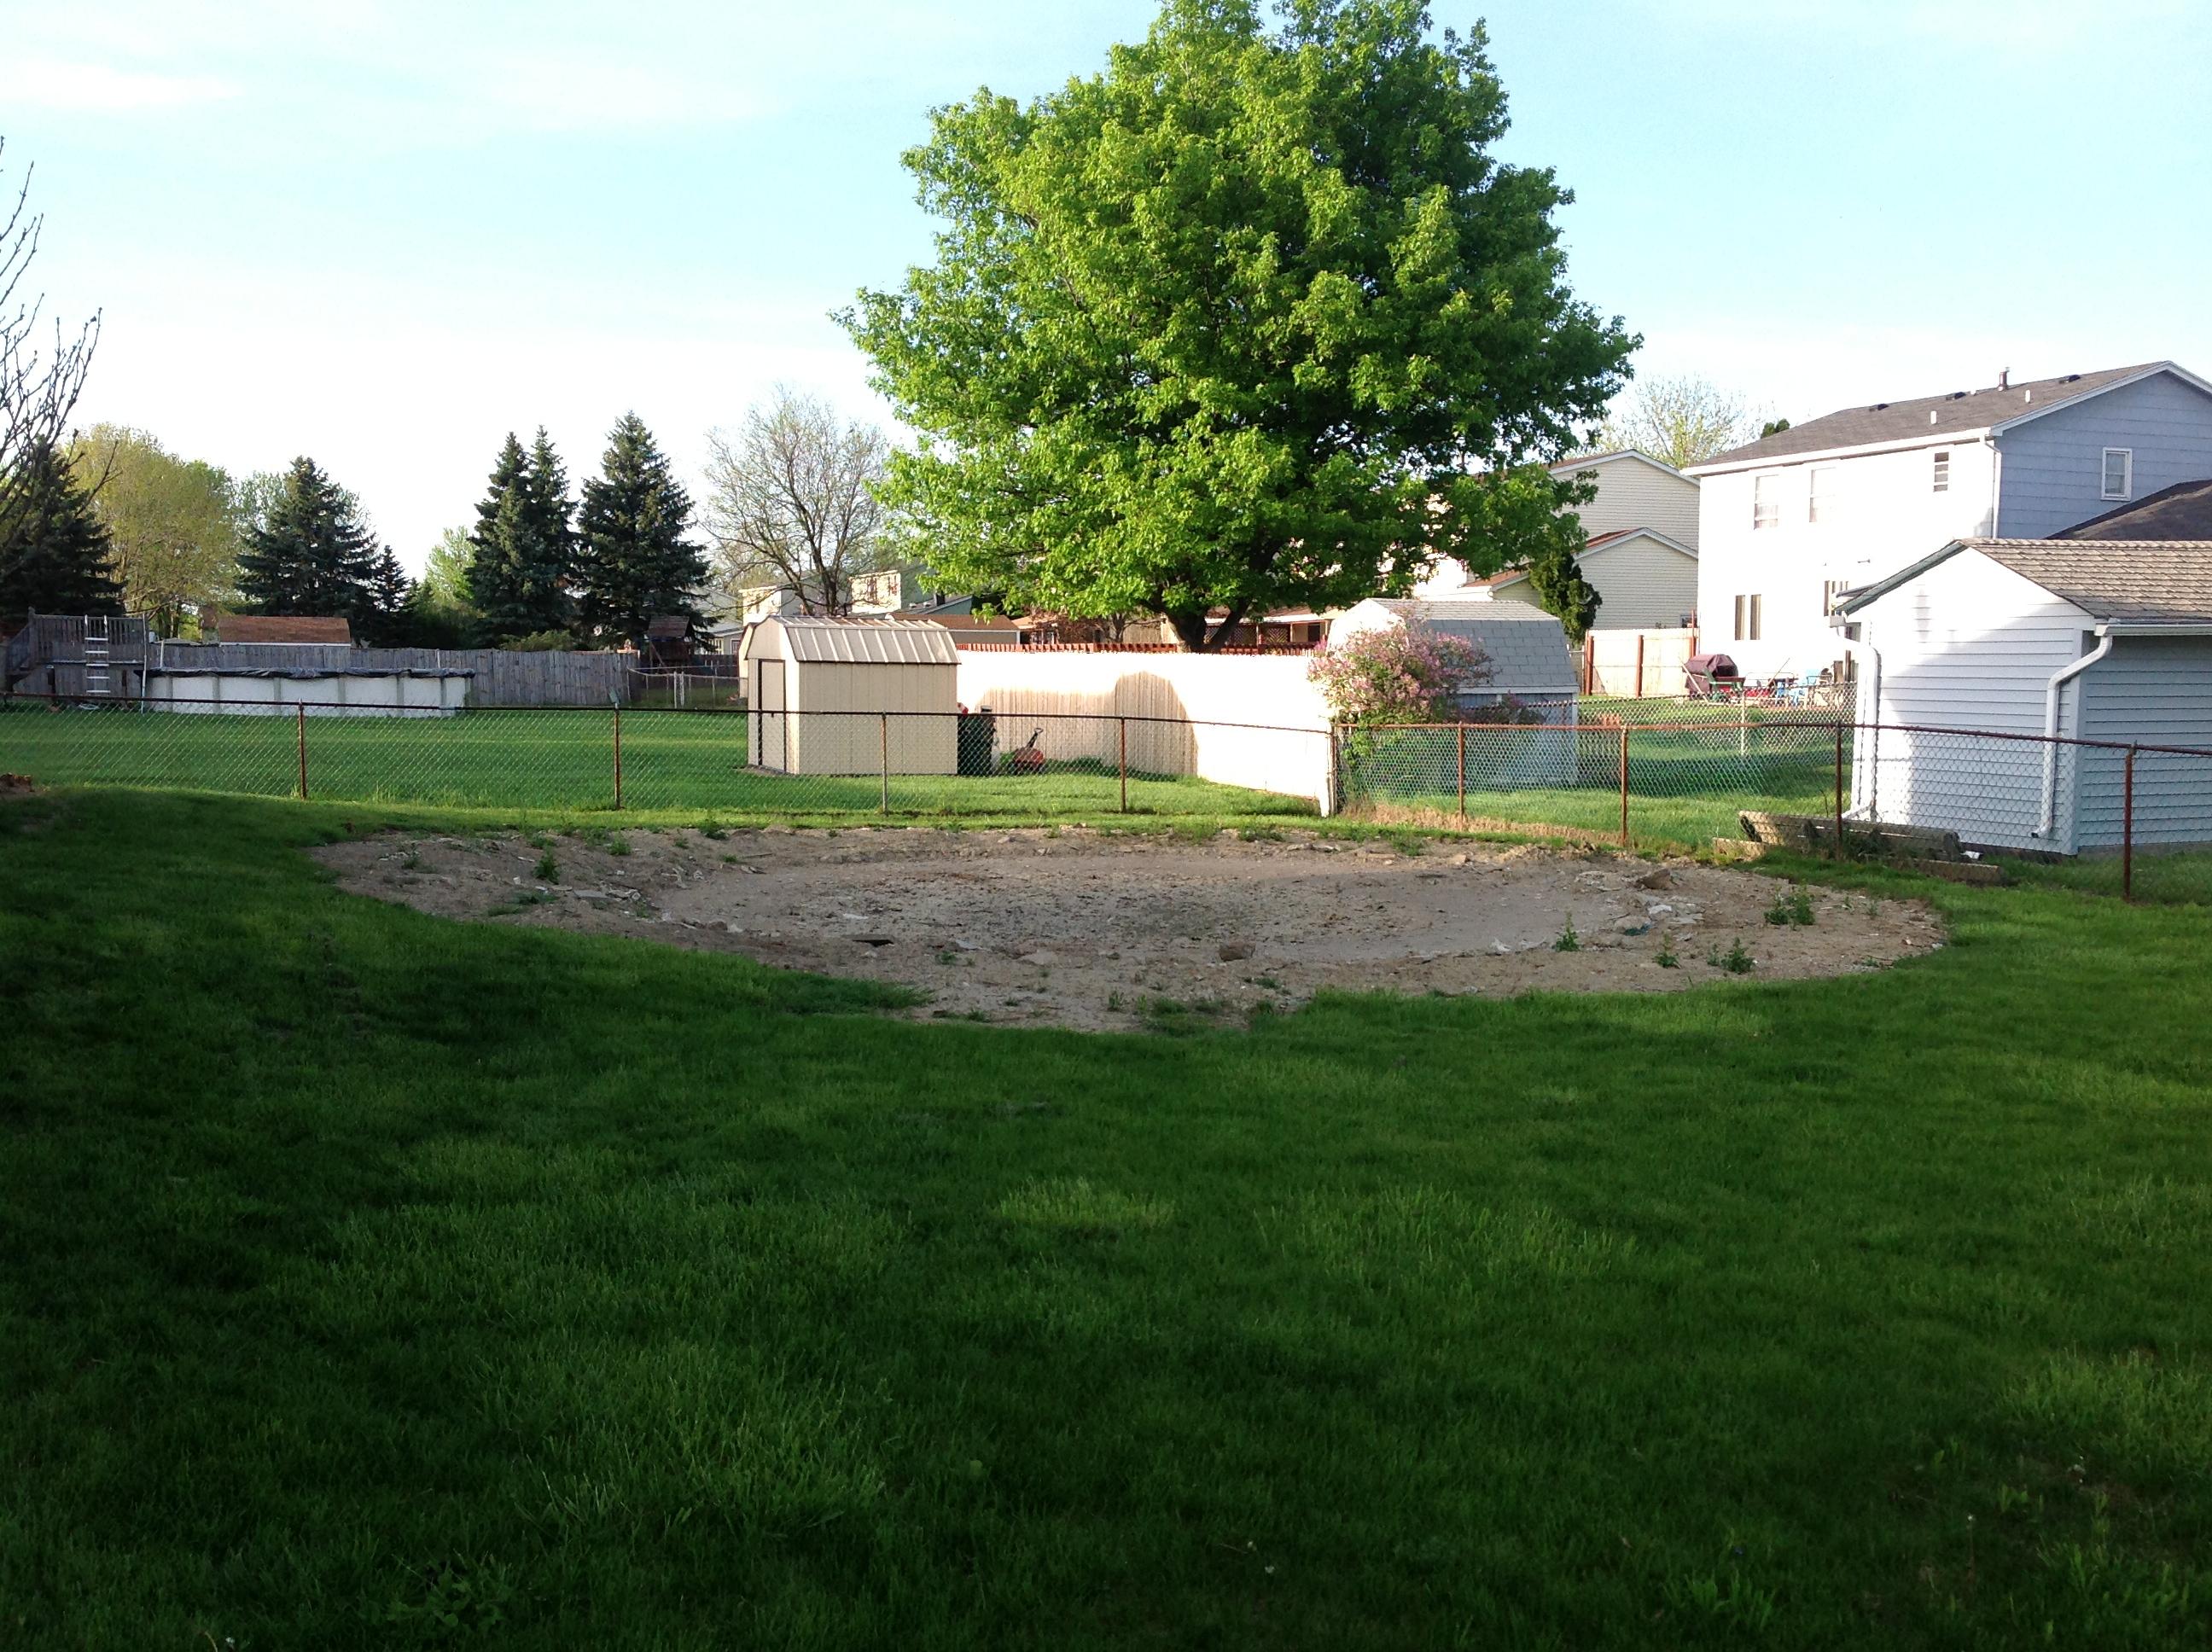 Turf Repair in Backyard